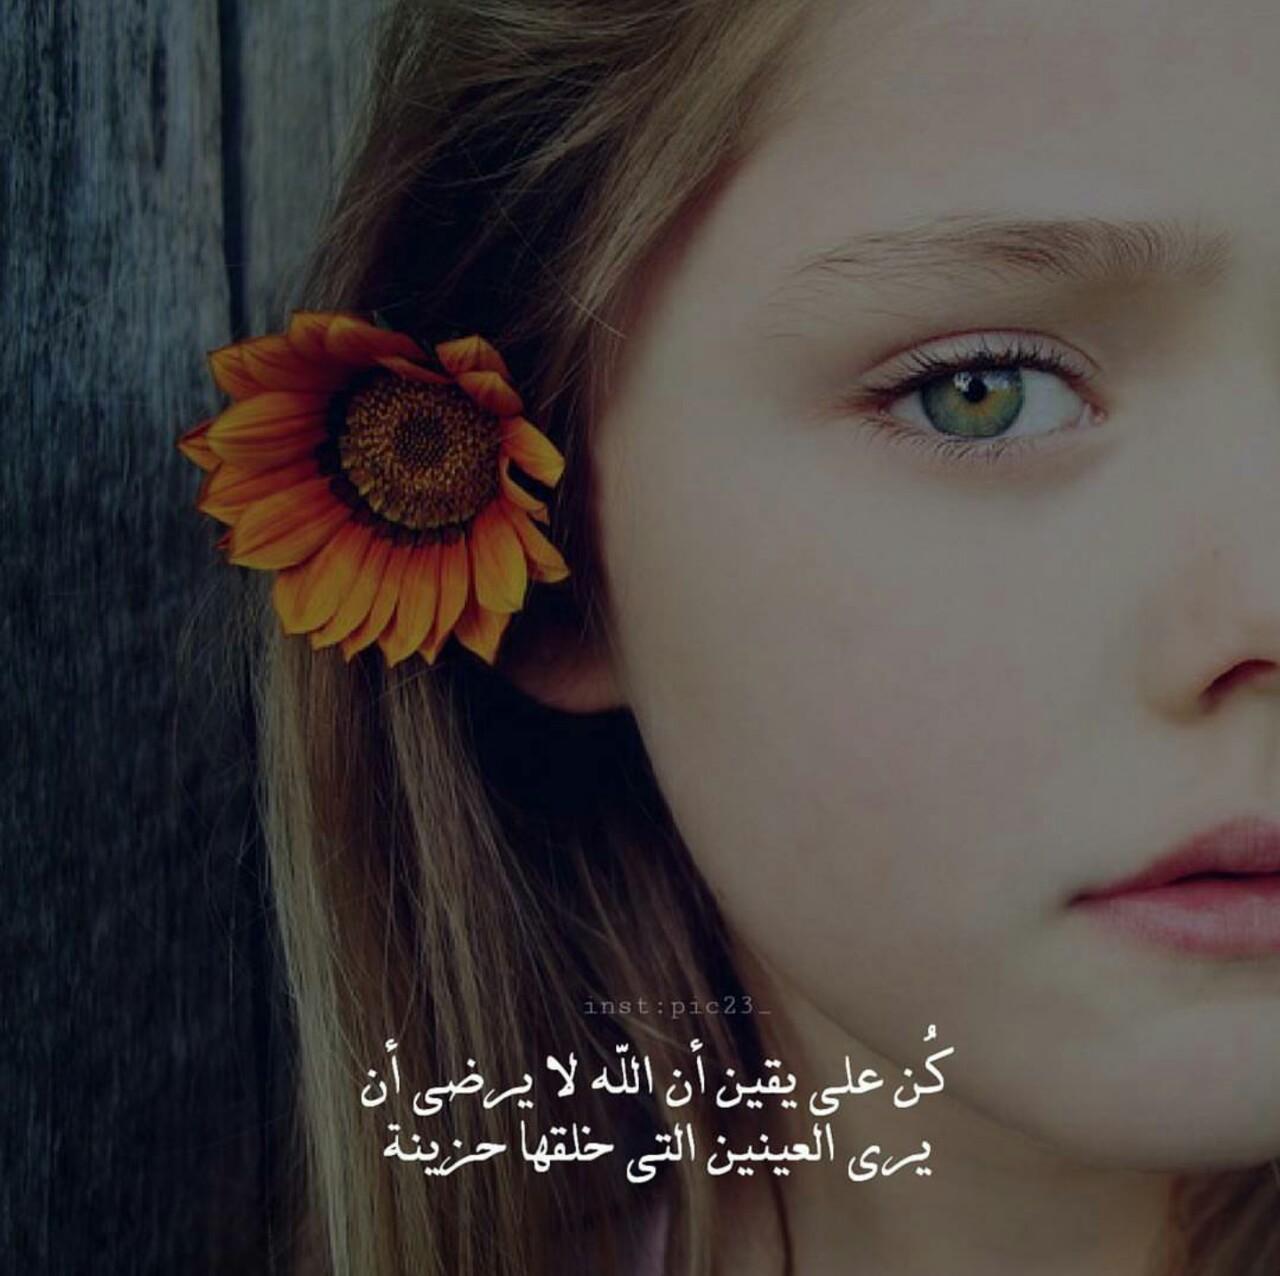 بالصور صور و اتس حزينة , اجدد صور وحالات الواتس حزينه لقلوب تحترق unnamed file 168